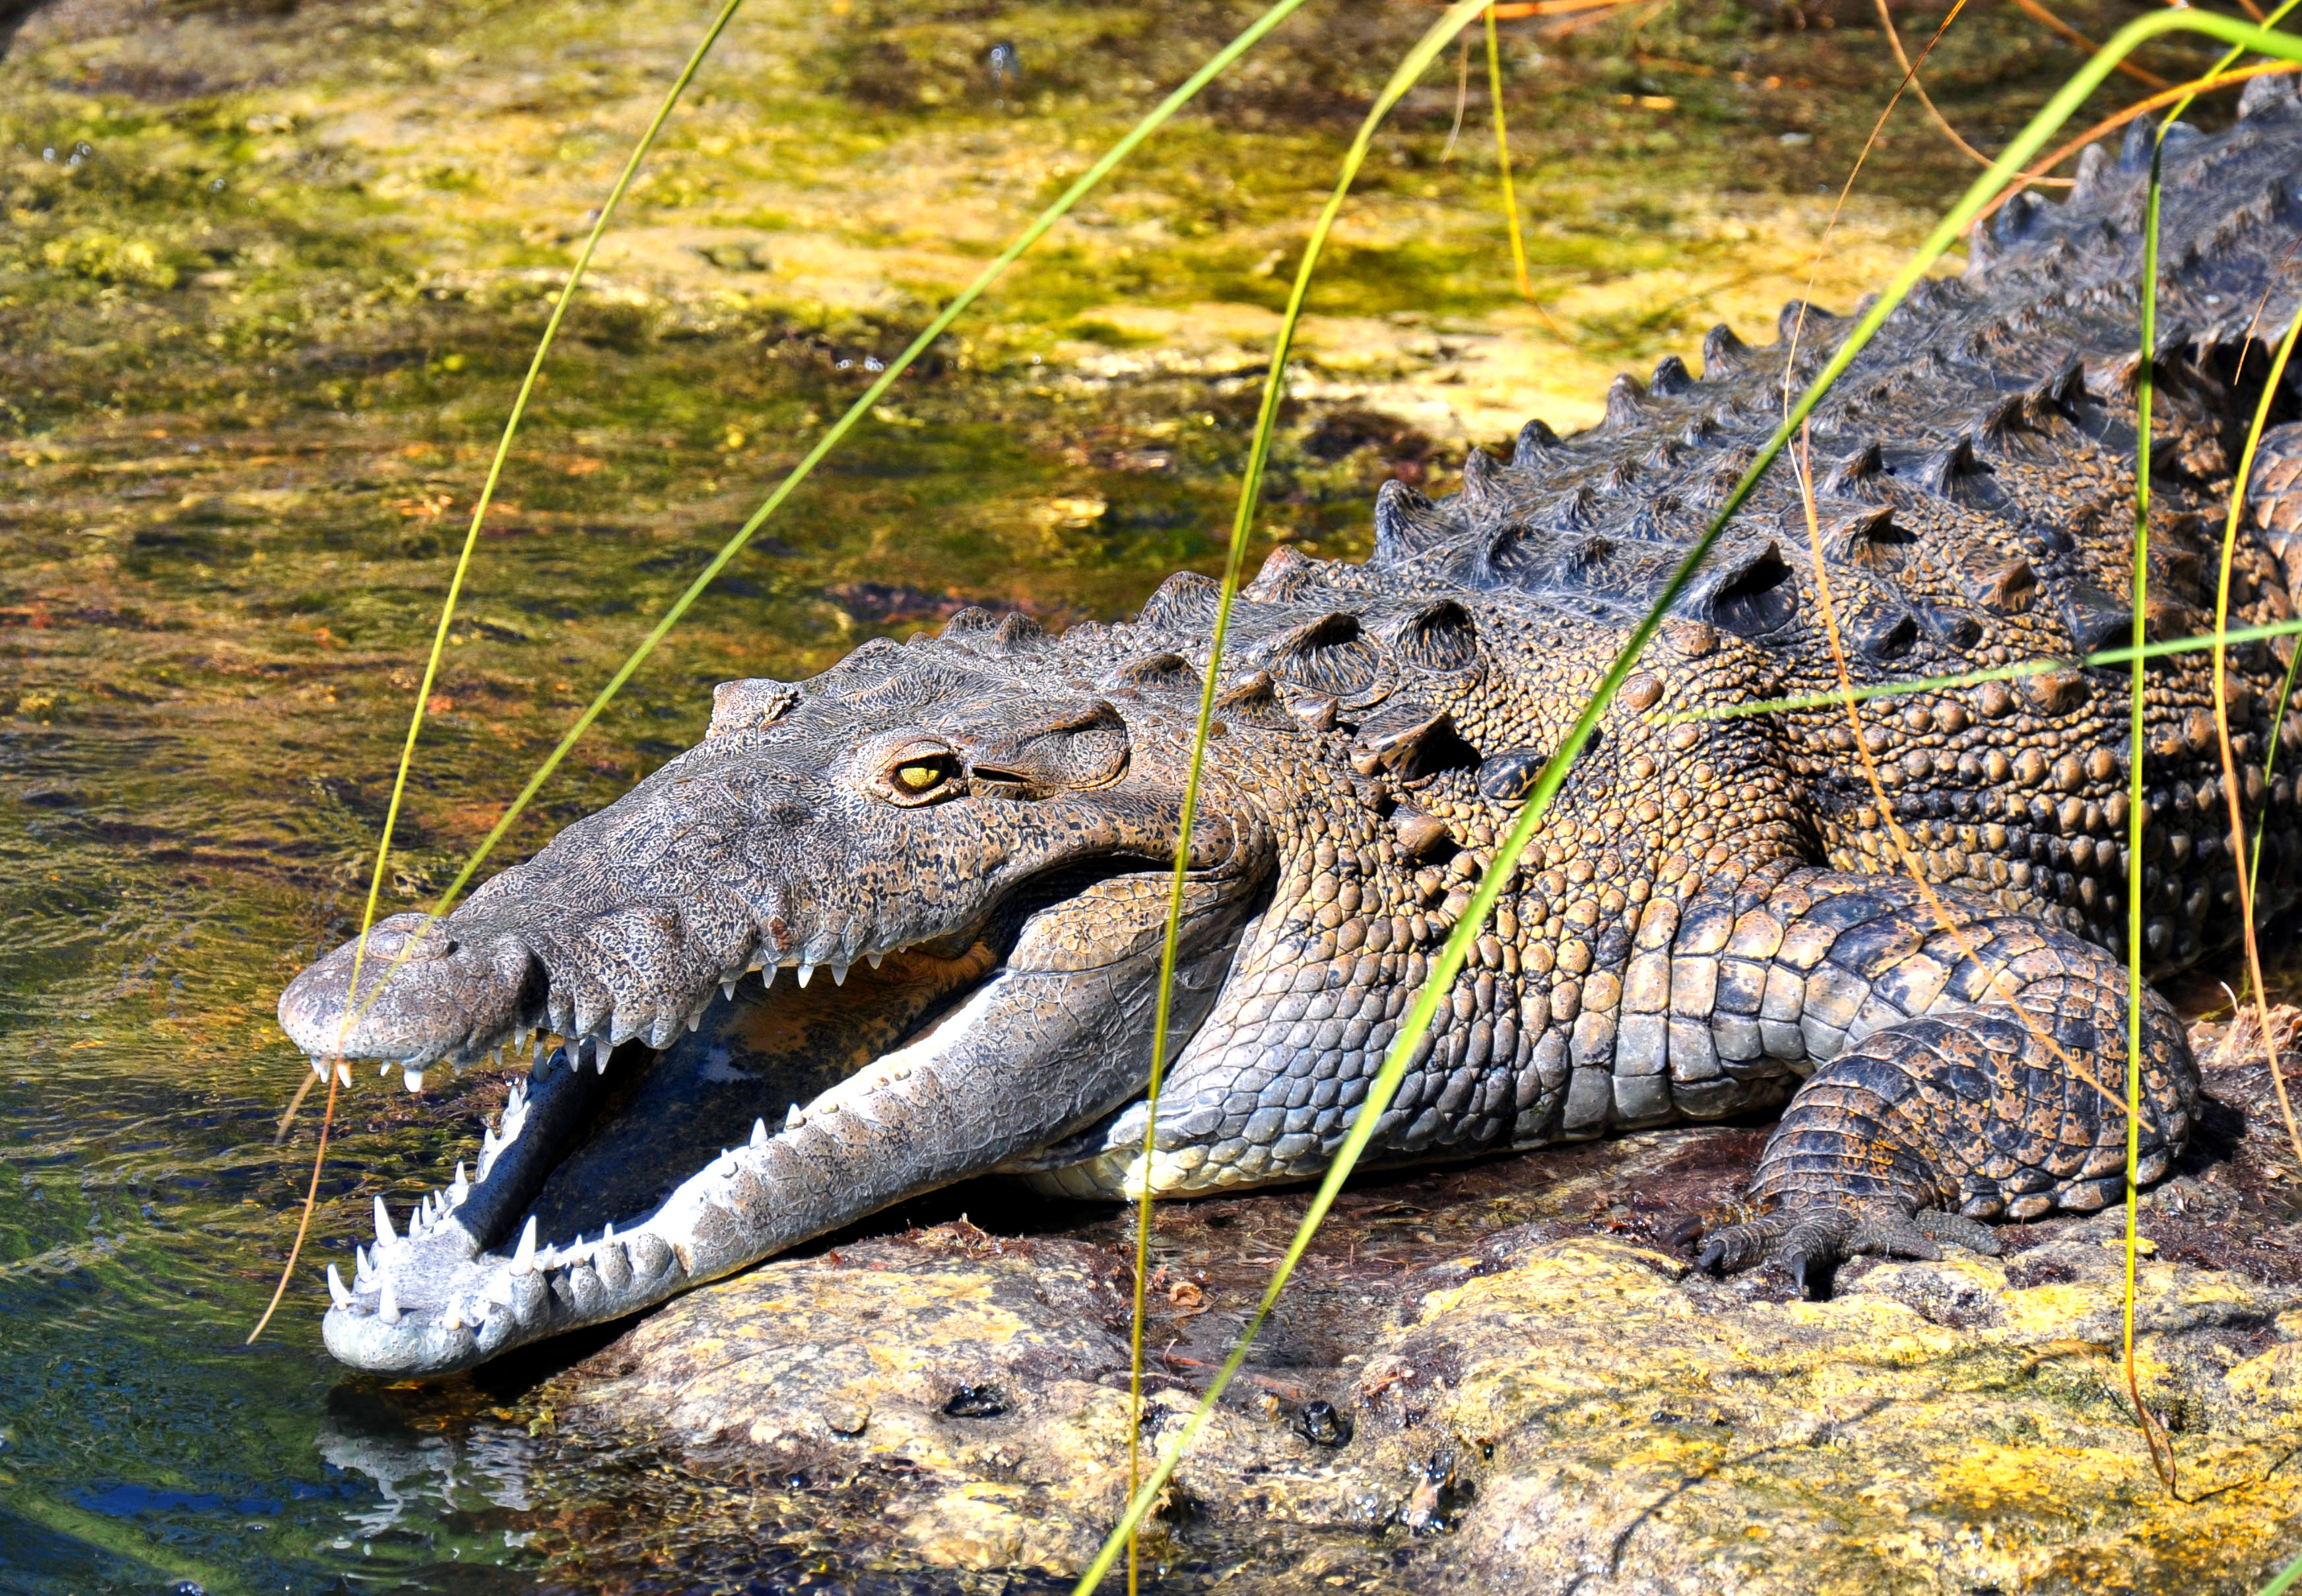 Raging crocodile coast photo